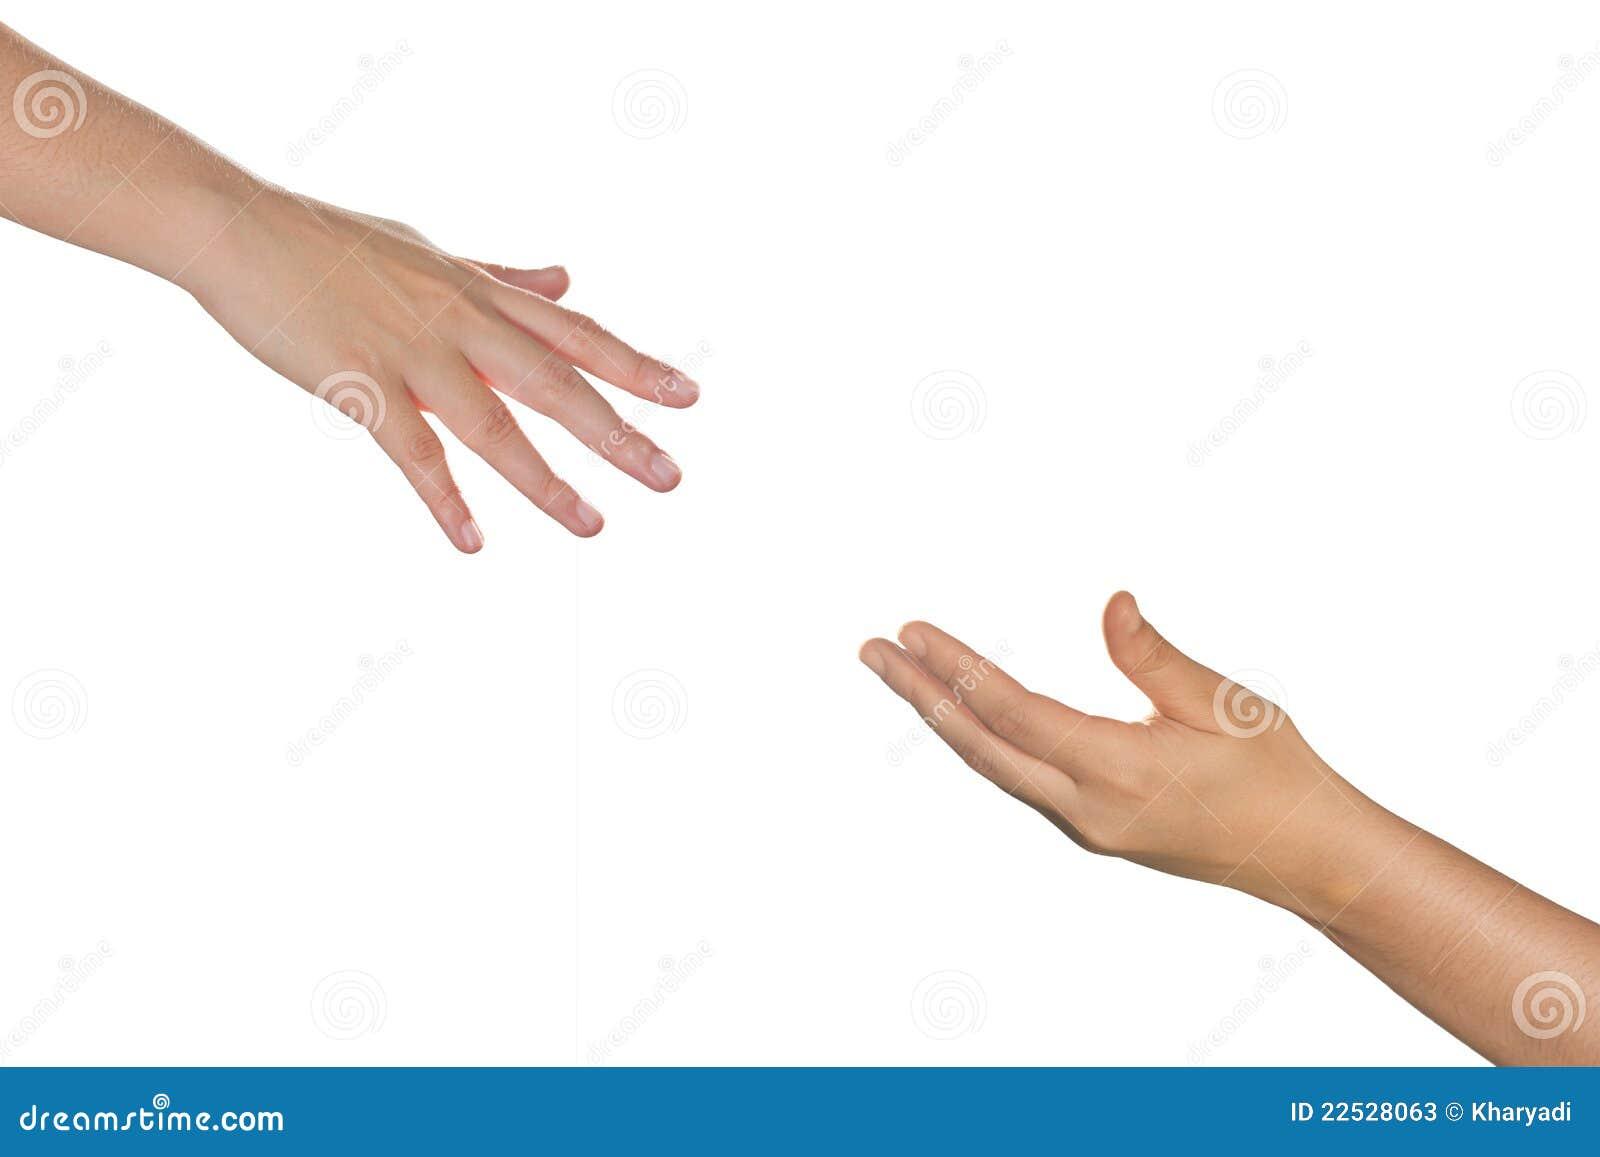 Reaching Hands Clip Art Hands reaching each other